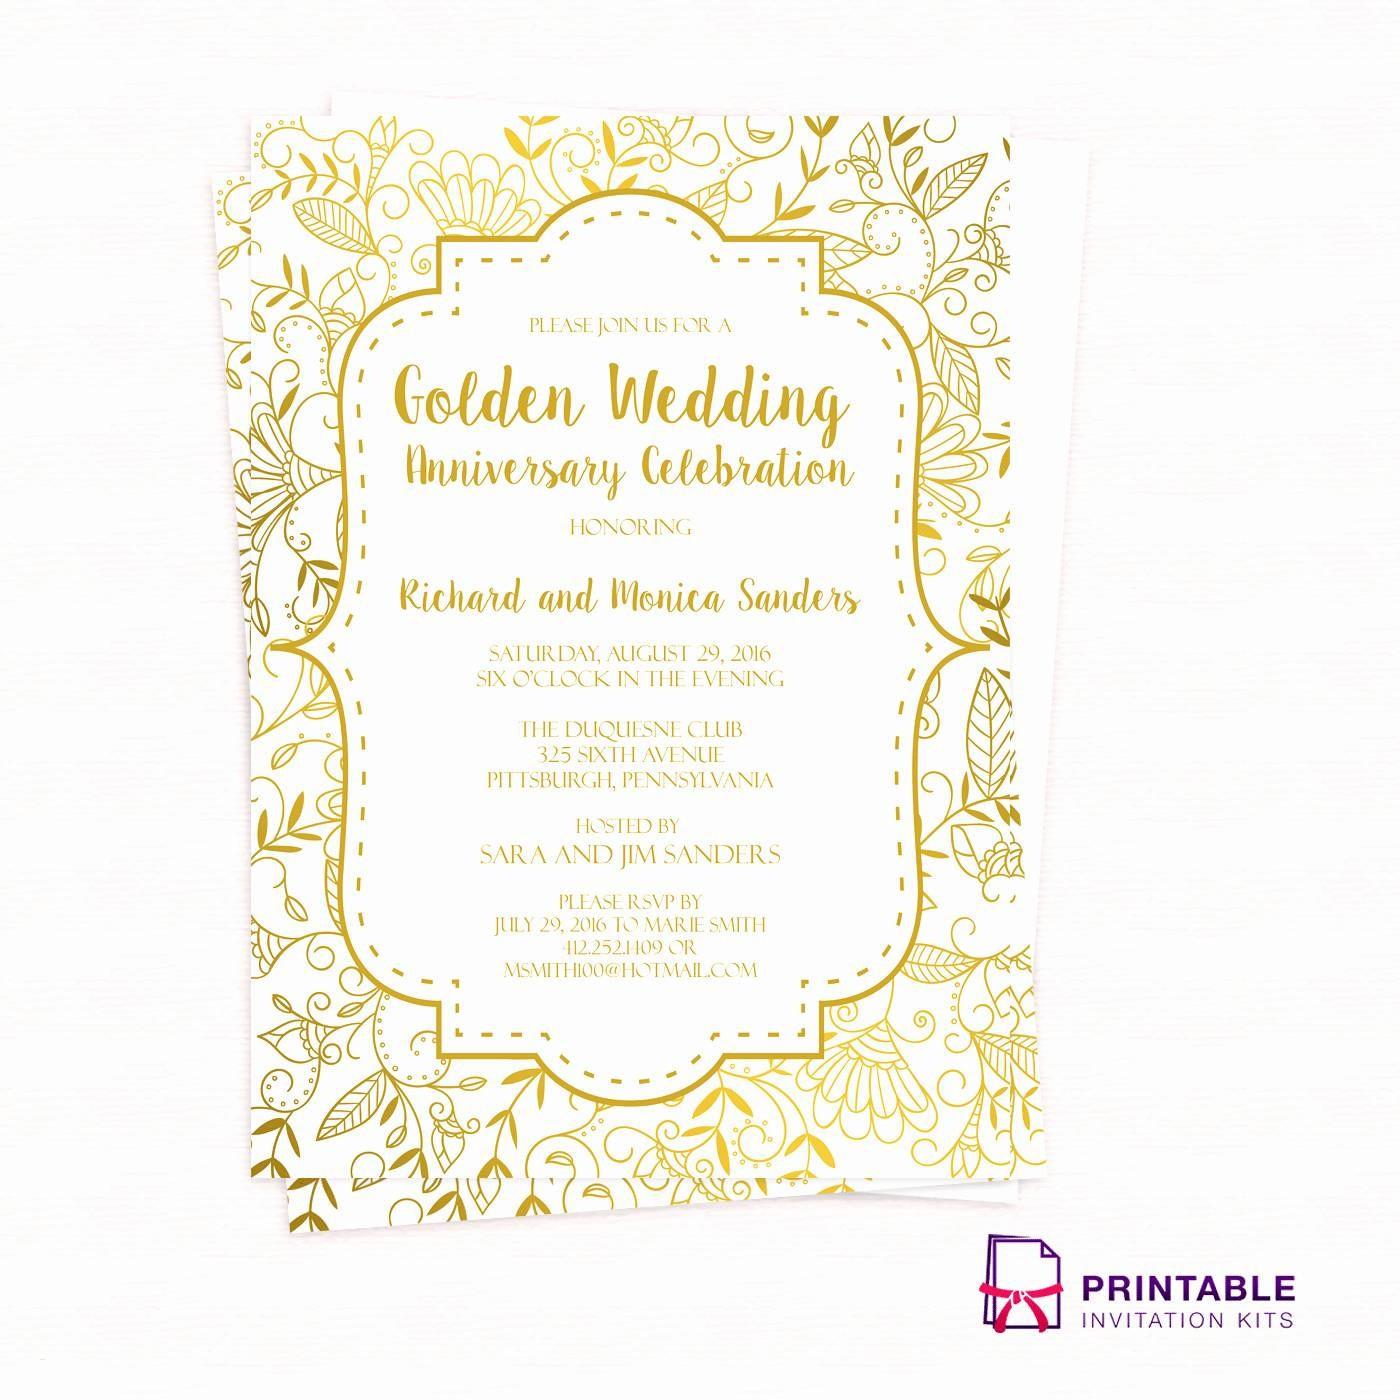 Inspirational Printable 40Th Wedding Anniversary Invitations - Free Printable 40Th Anniversary Invitations